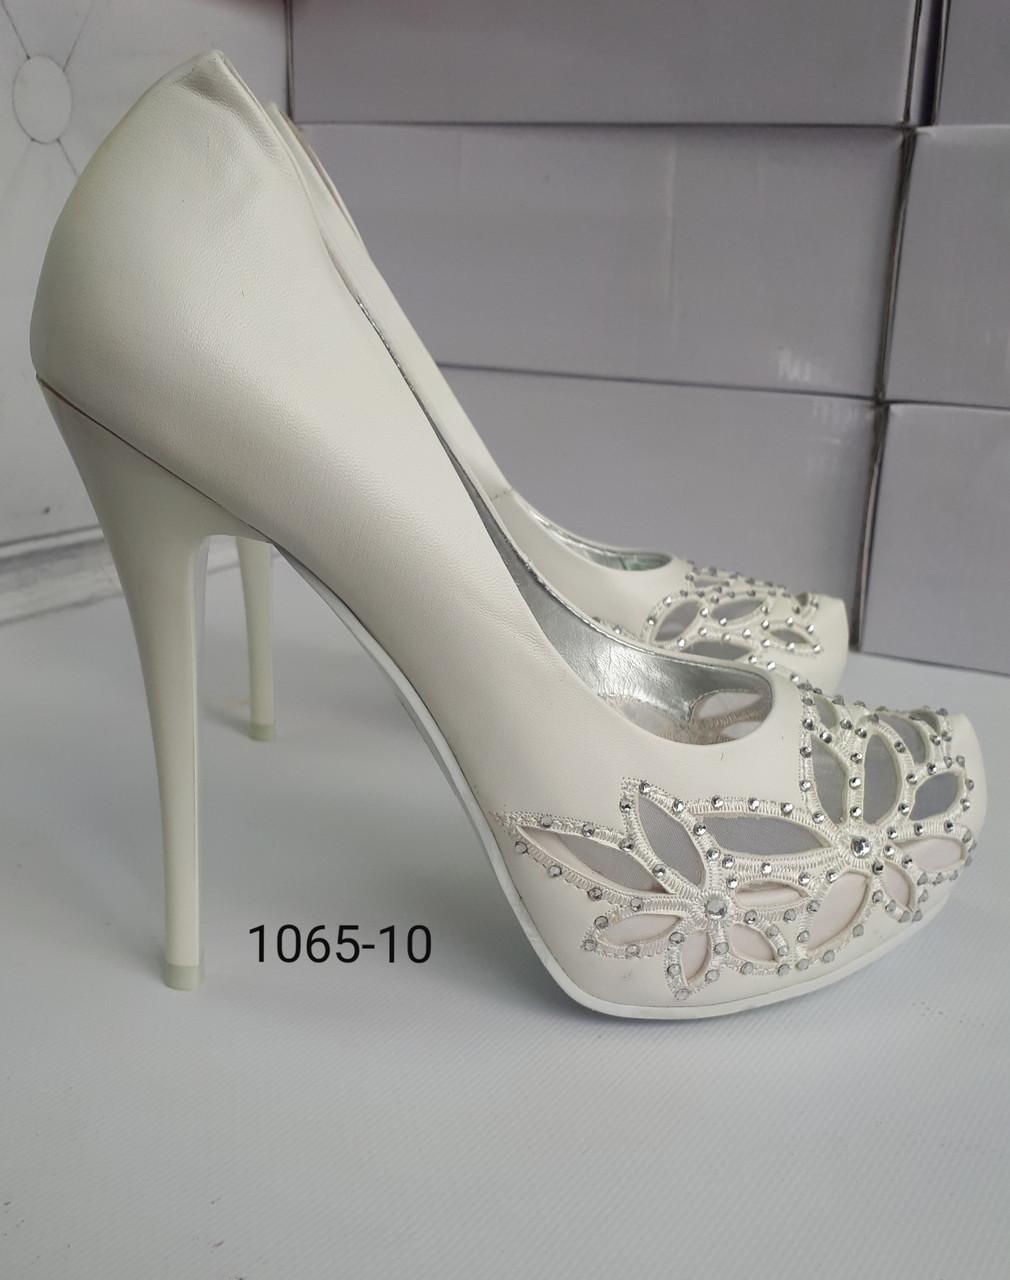 Туфли белые, высокий каблук, платформа